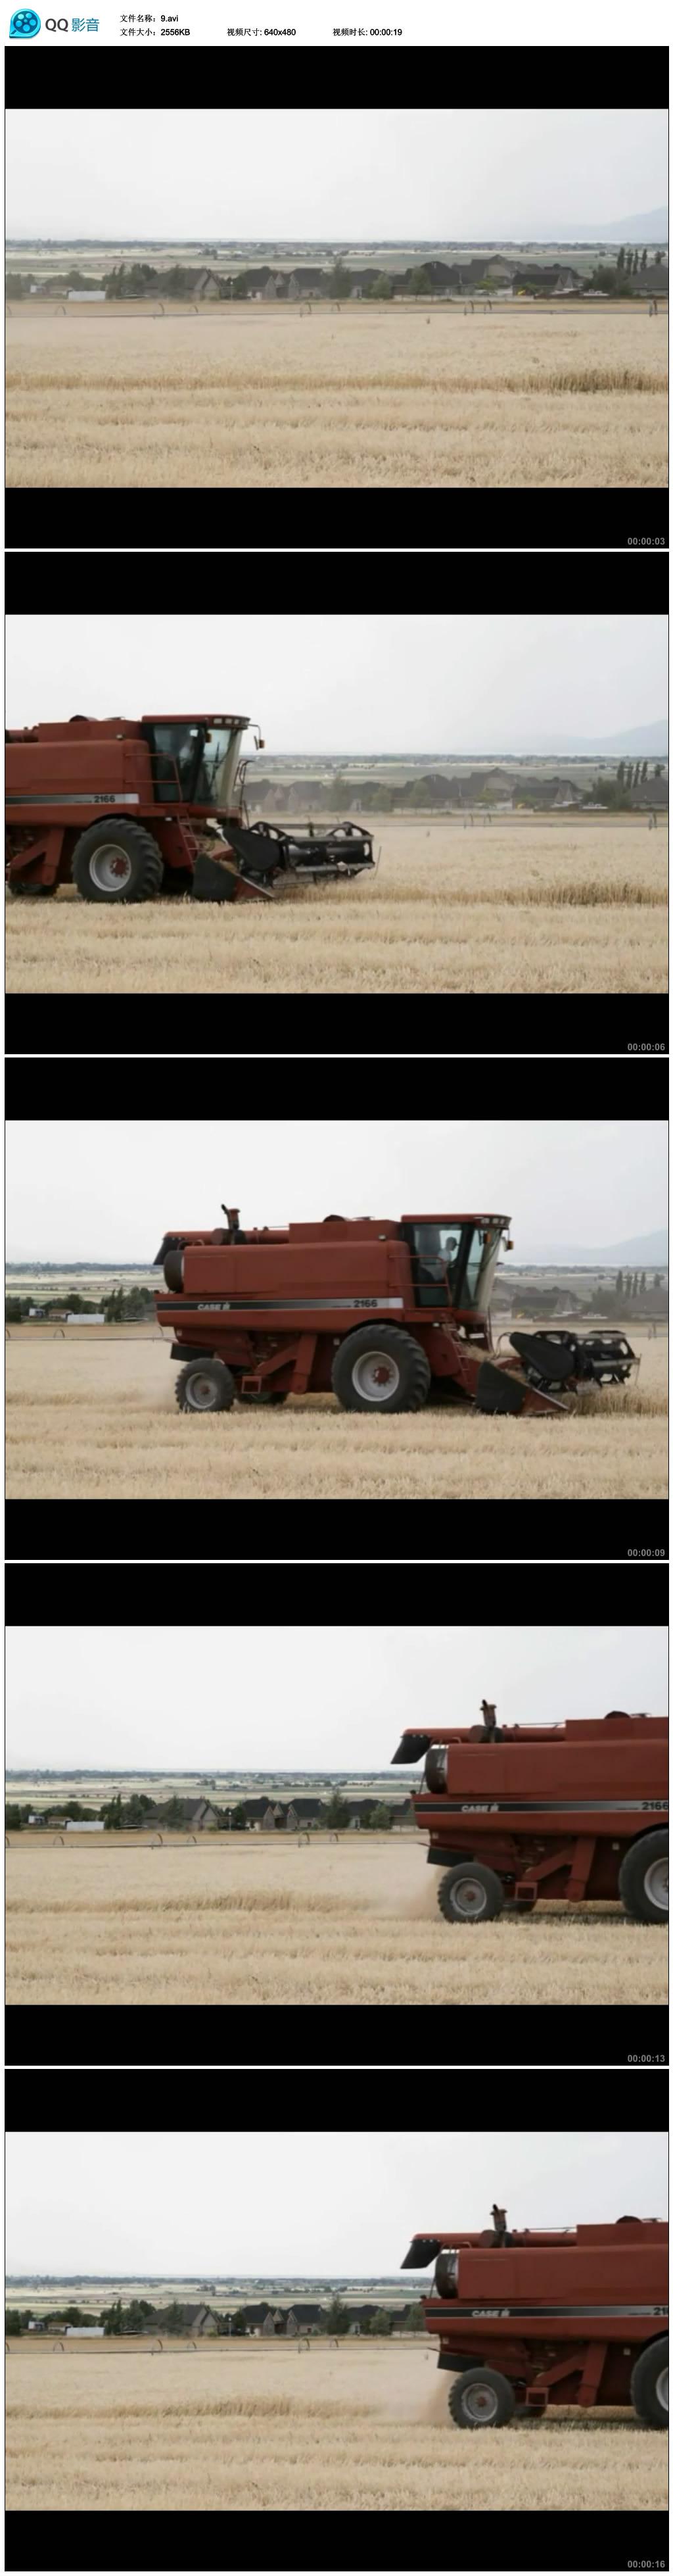 实拍小麦收割视频素材